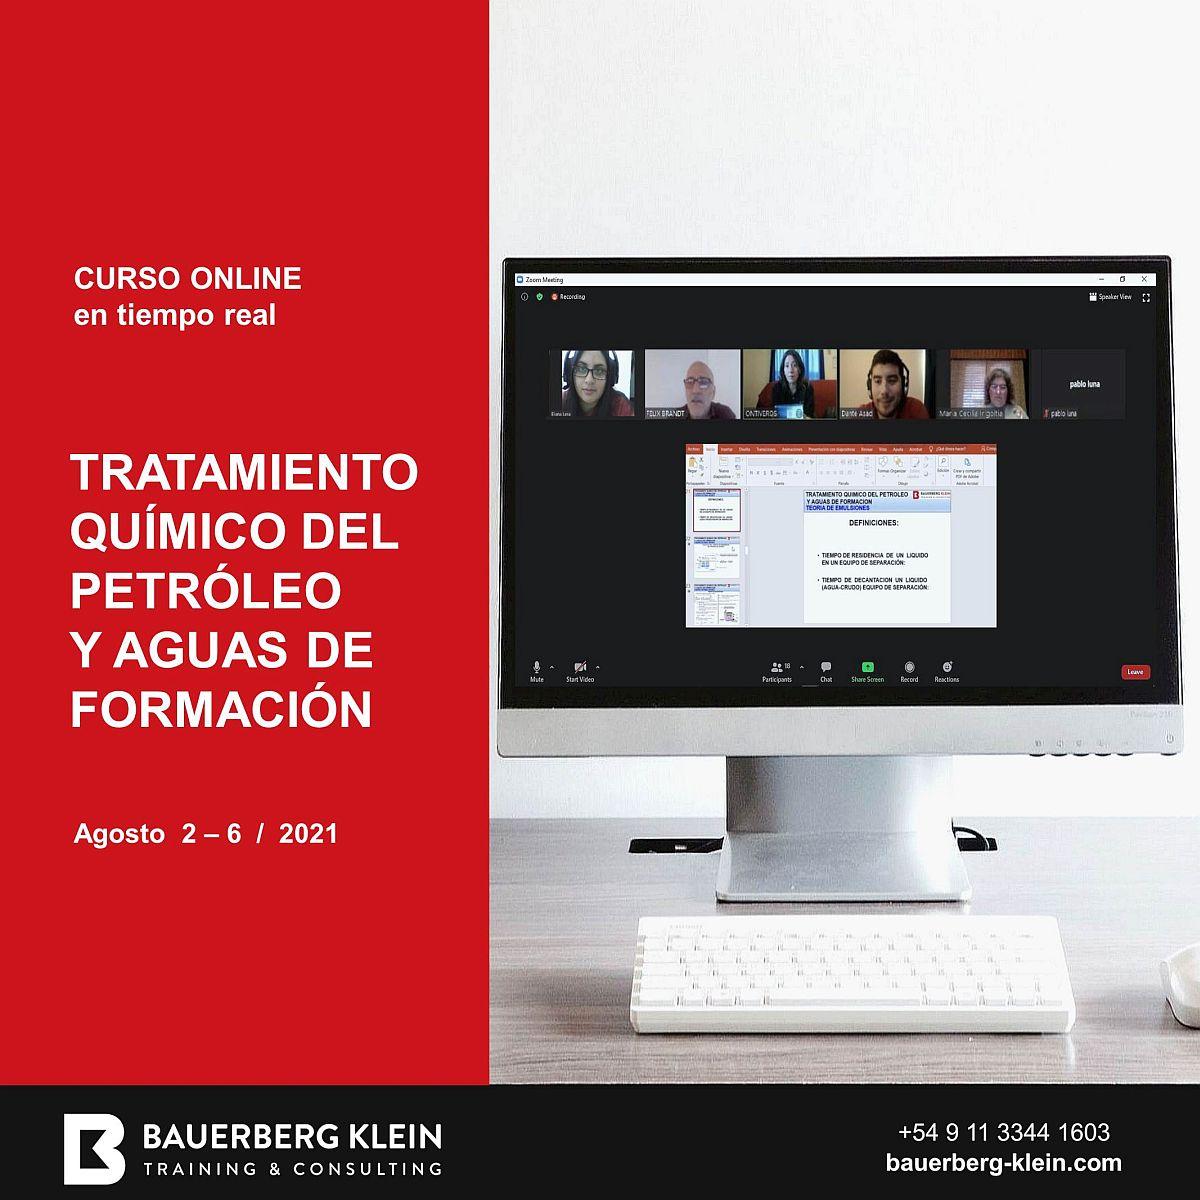 Tratamiento Químico del Petróleo y Aguas de  Formación